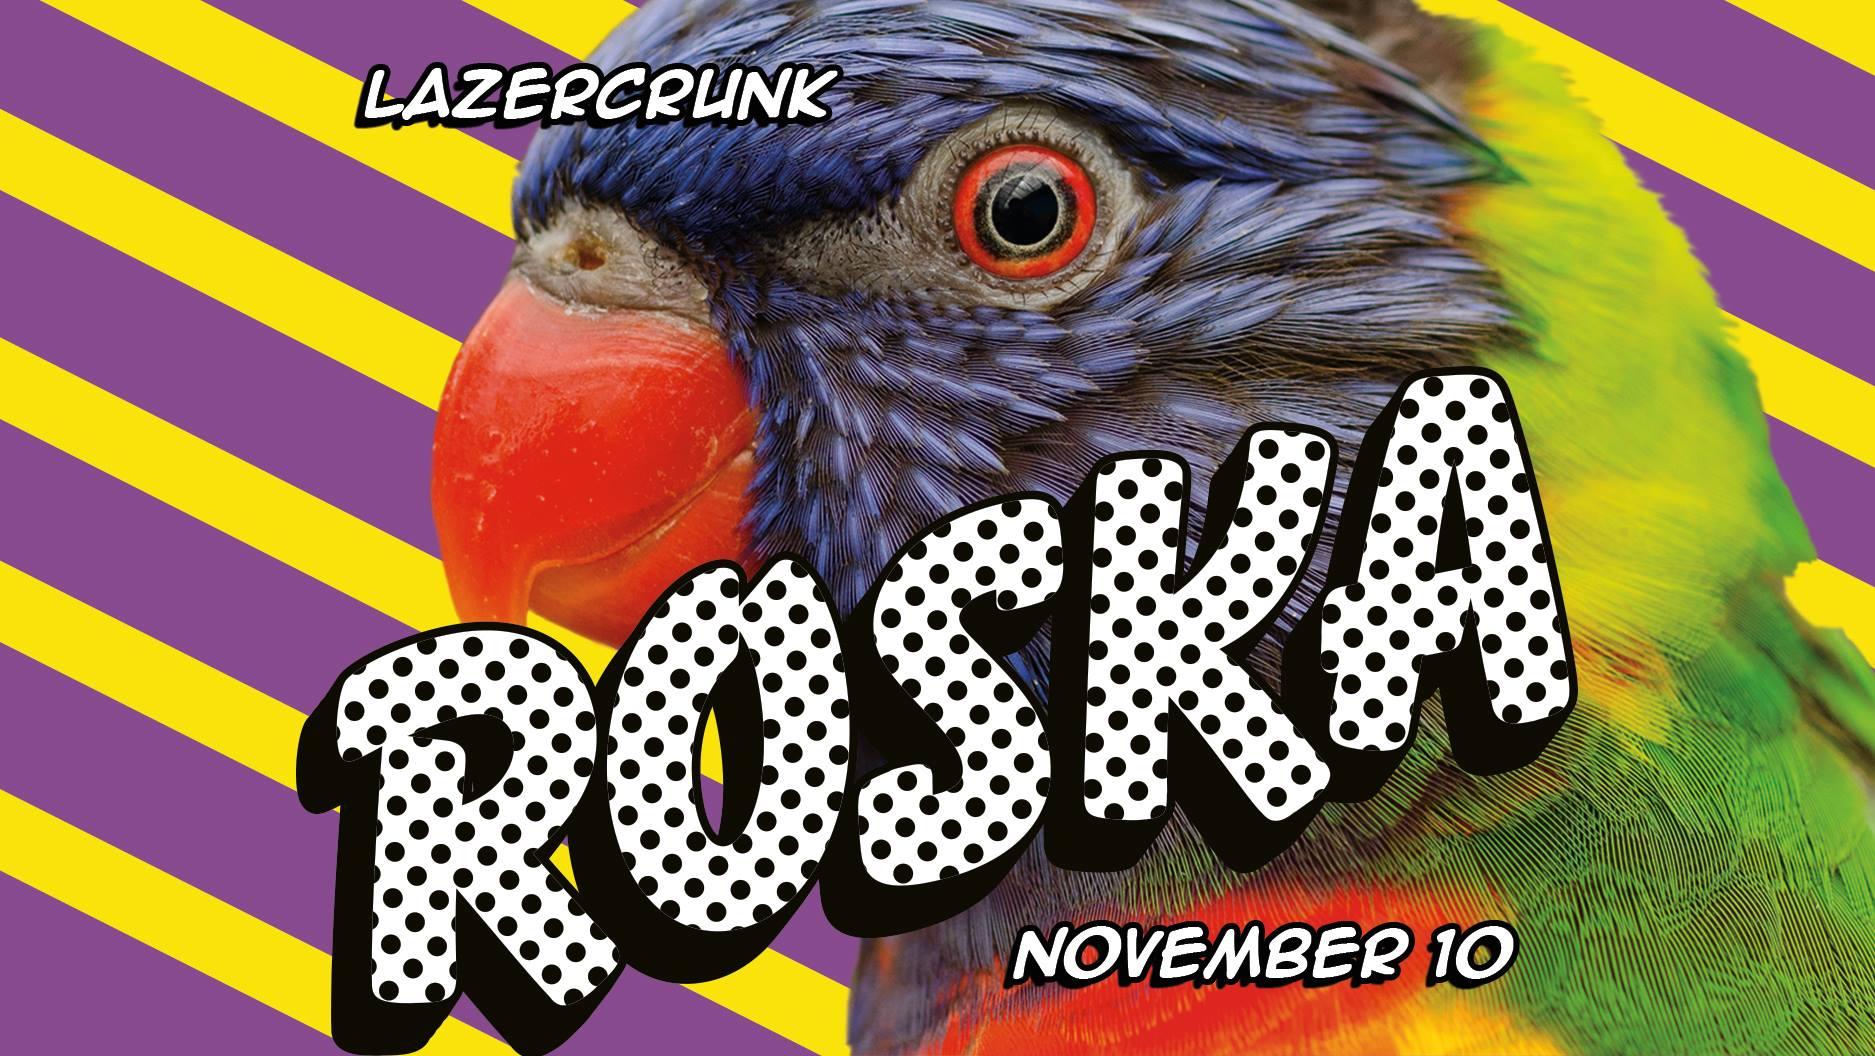 LazerCrunk feat. Roska (UK) + Cutups & Keebs